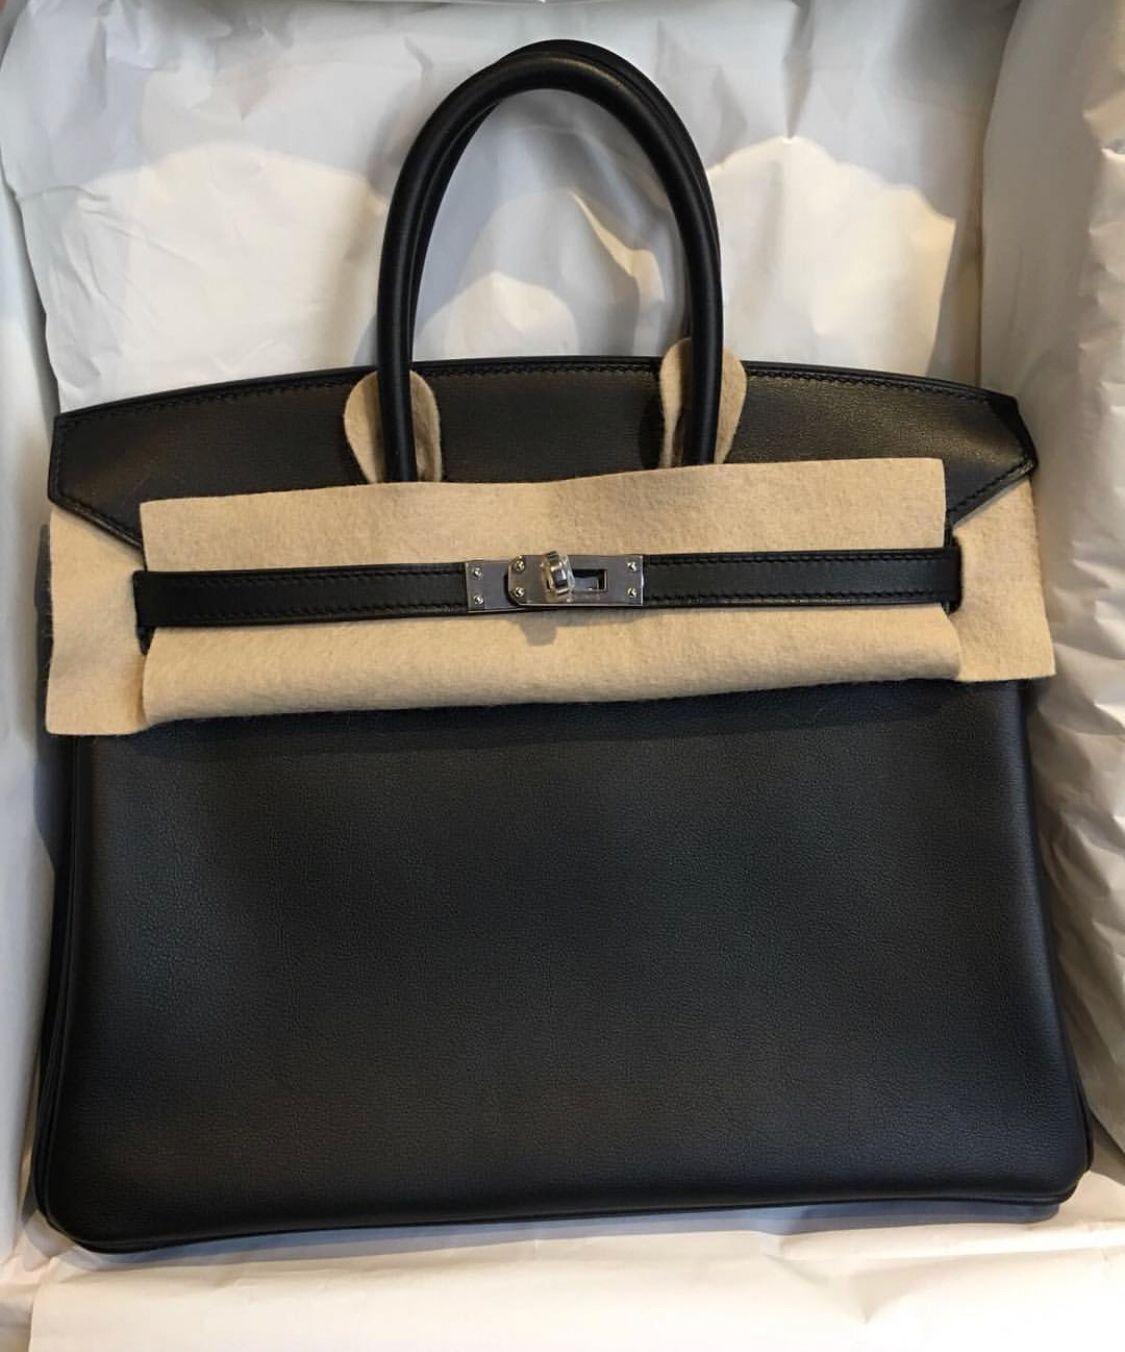 211557ffc65 Hermès Birkin 25 Noir (Black) Swift Palladium Hardware PHW C Stamp 2018   birkin25